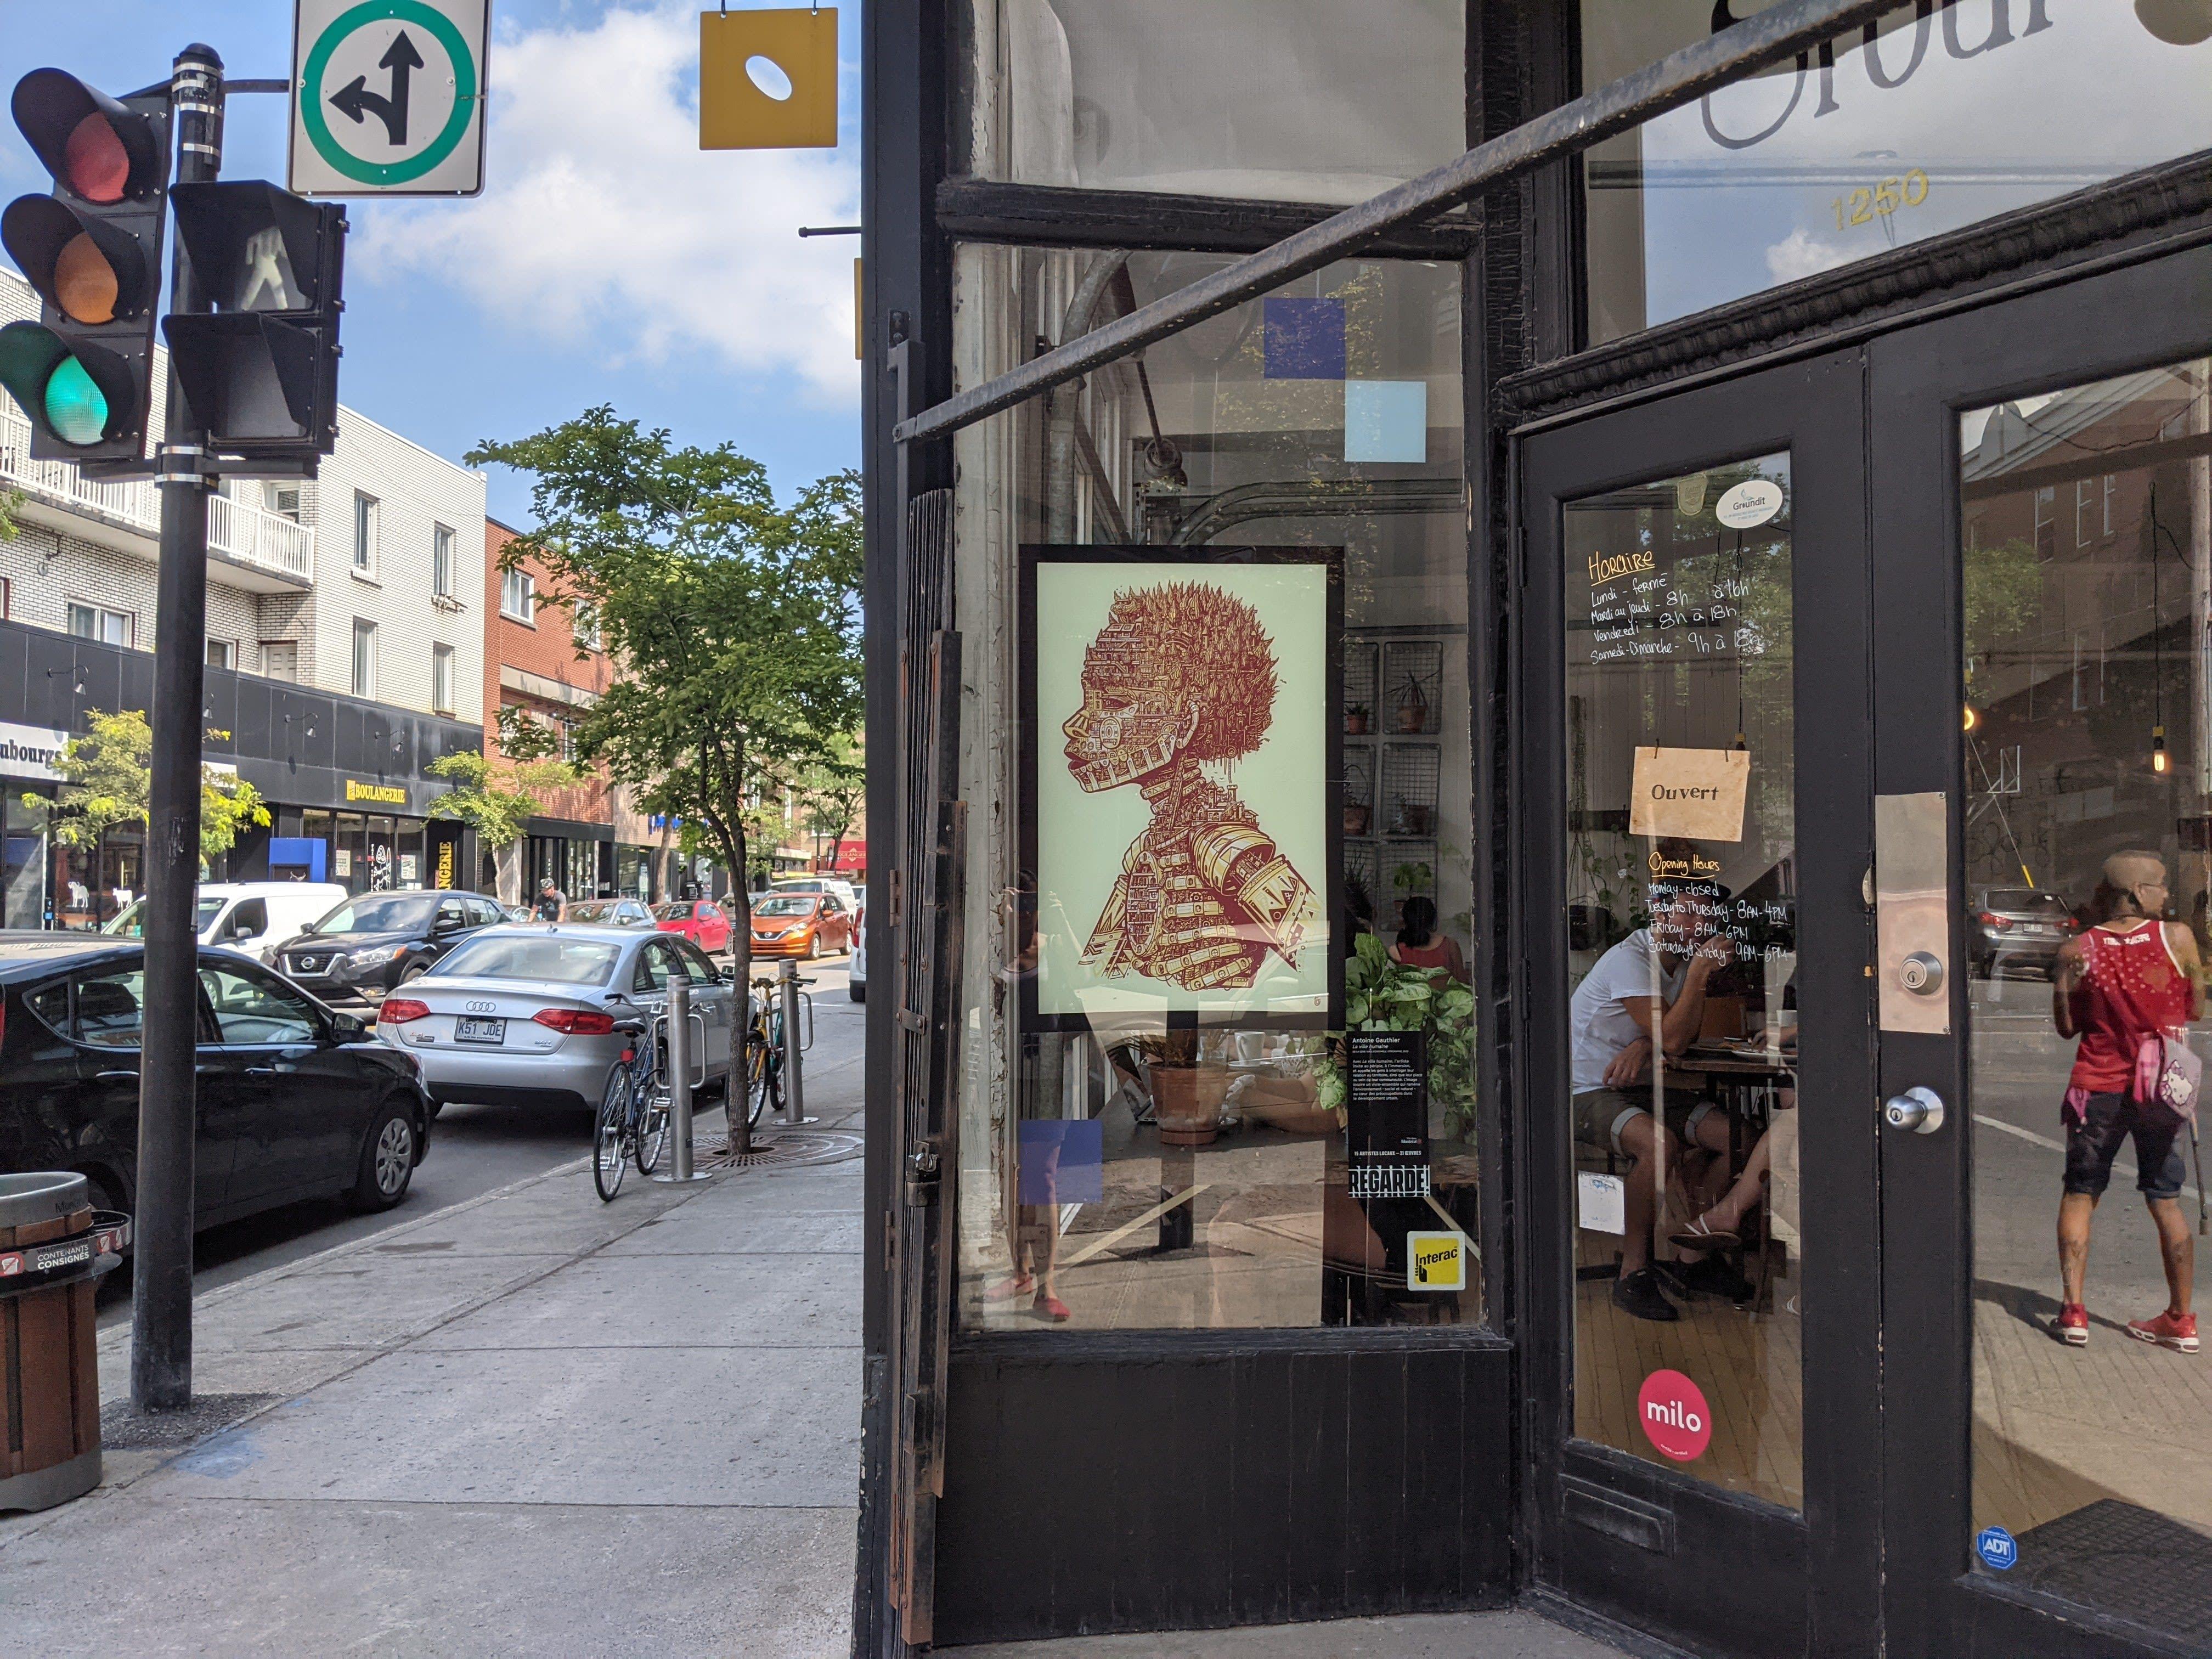 Affiche dans vitrine d'un café